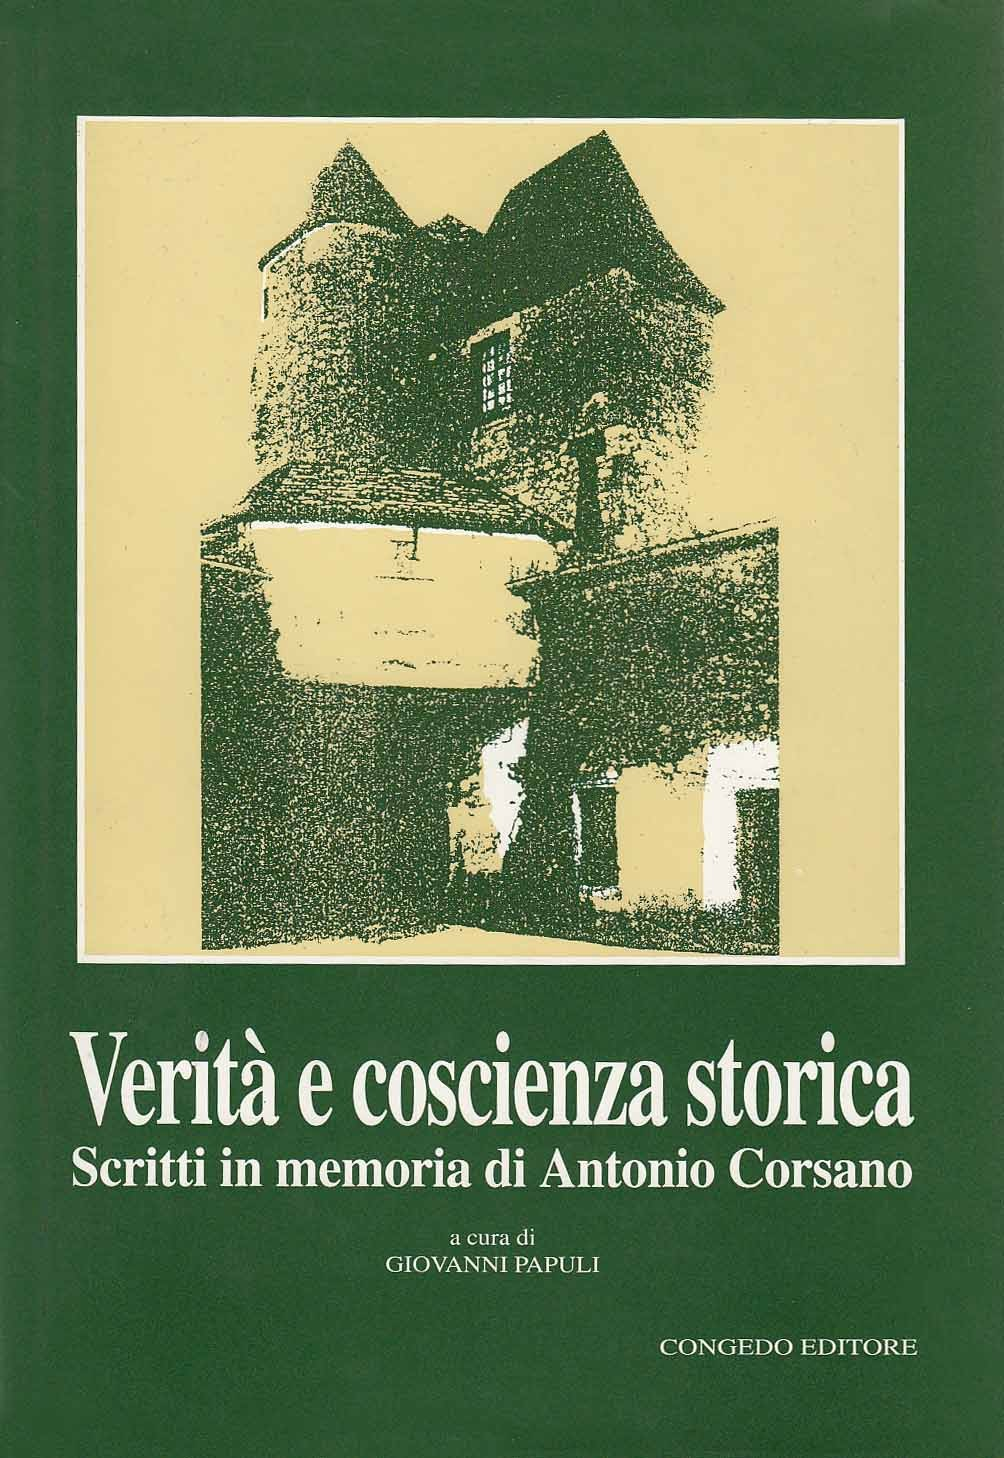 Verità e coscienza storica. Scritti in memoria di Antonio Corsano